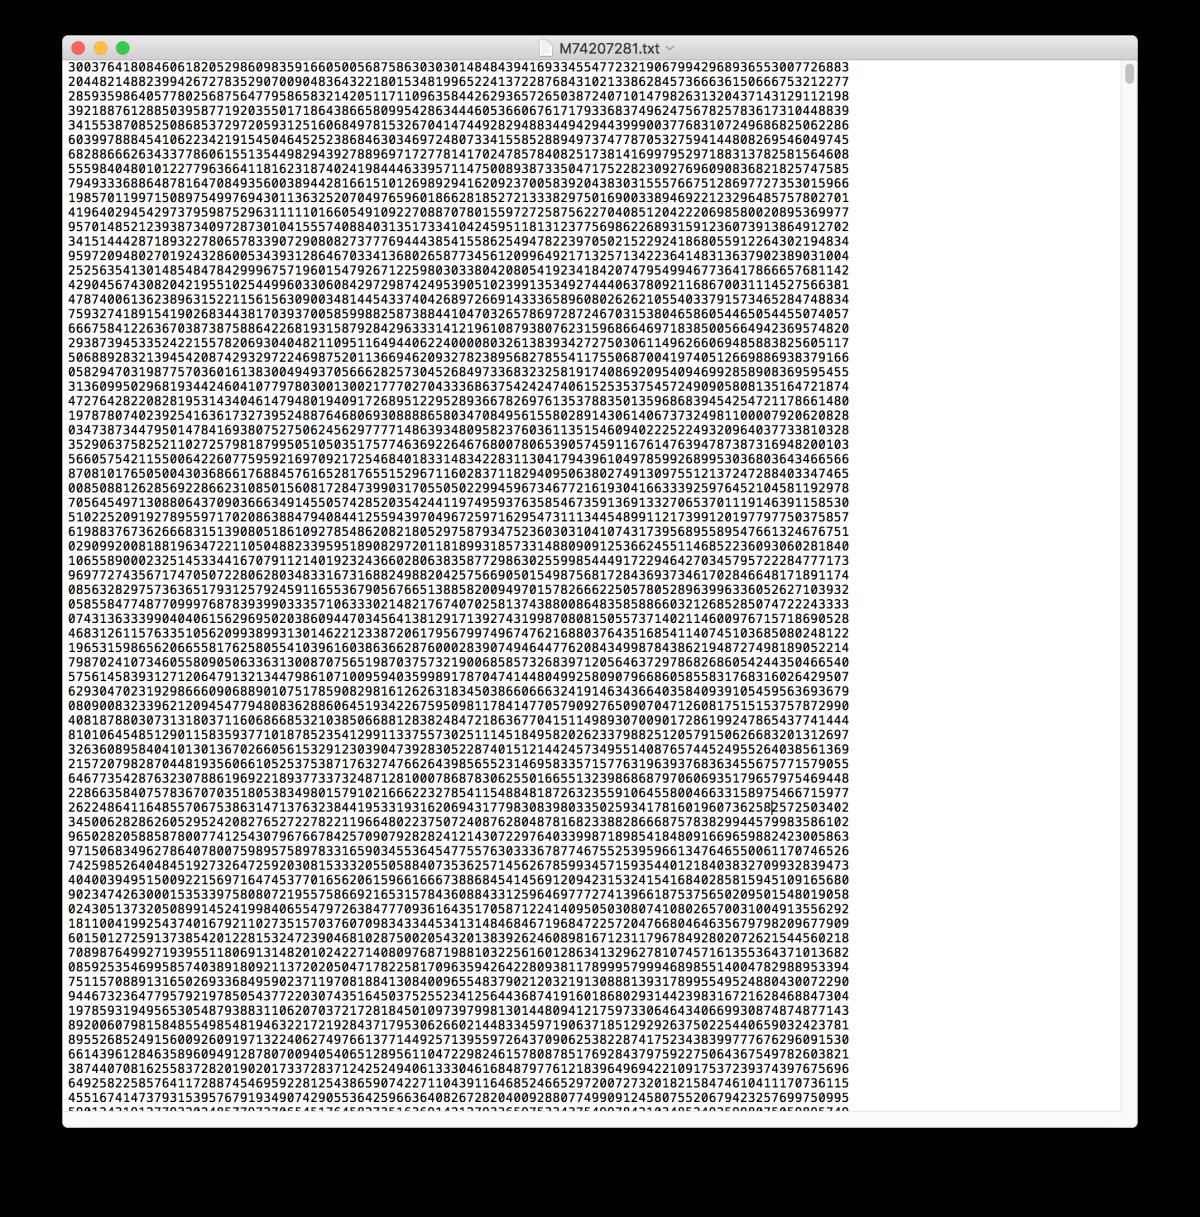 Screenshot einer Textdatei mit sehr vielen Ziffern.